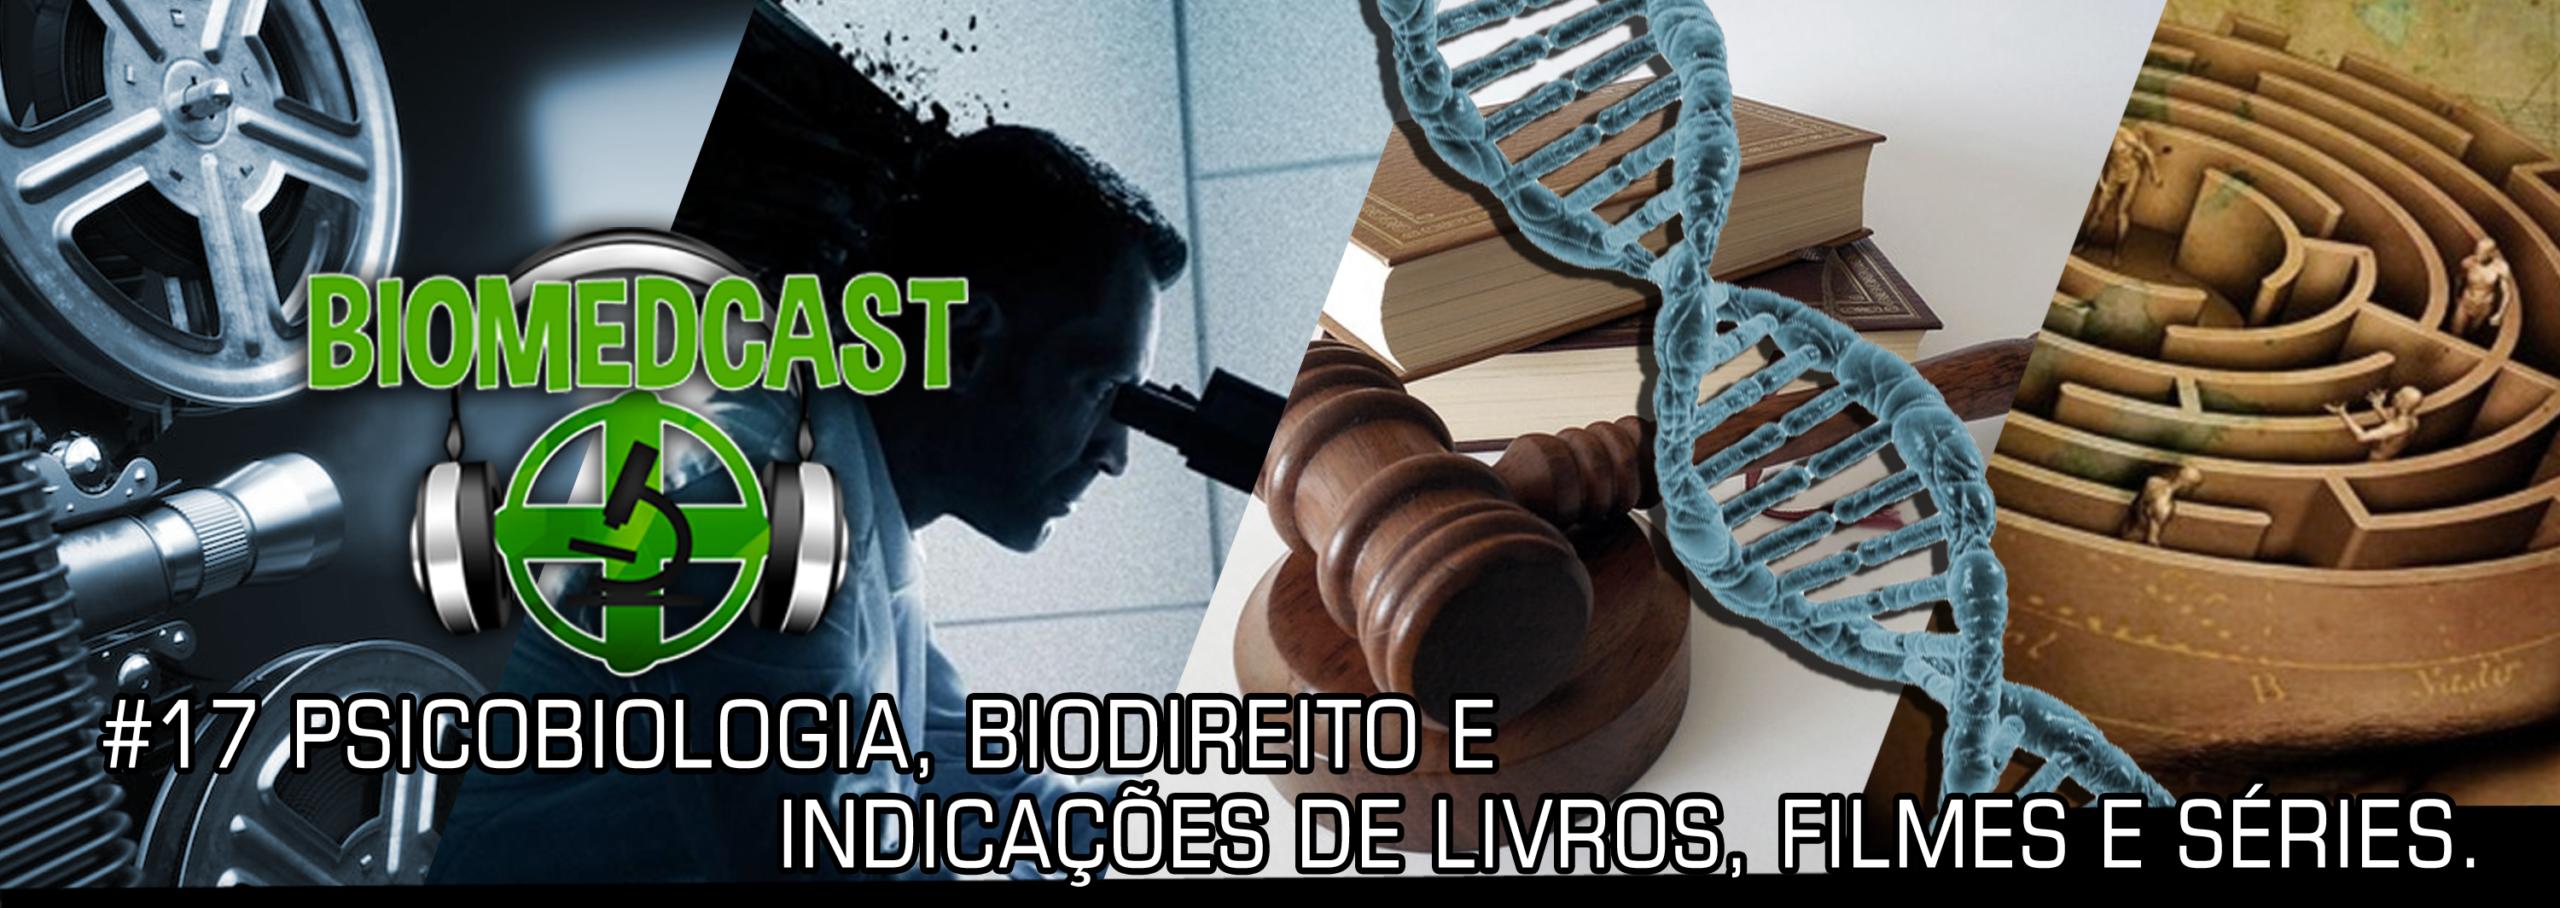 #17 Psicobiologia, Biodireito e Indicação de Livros, Filmes e Séries